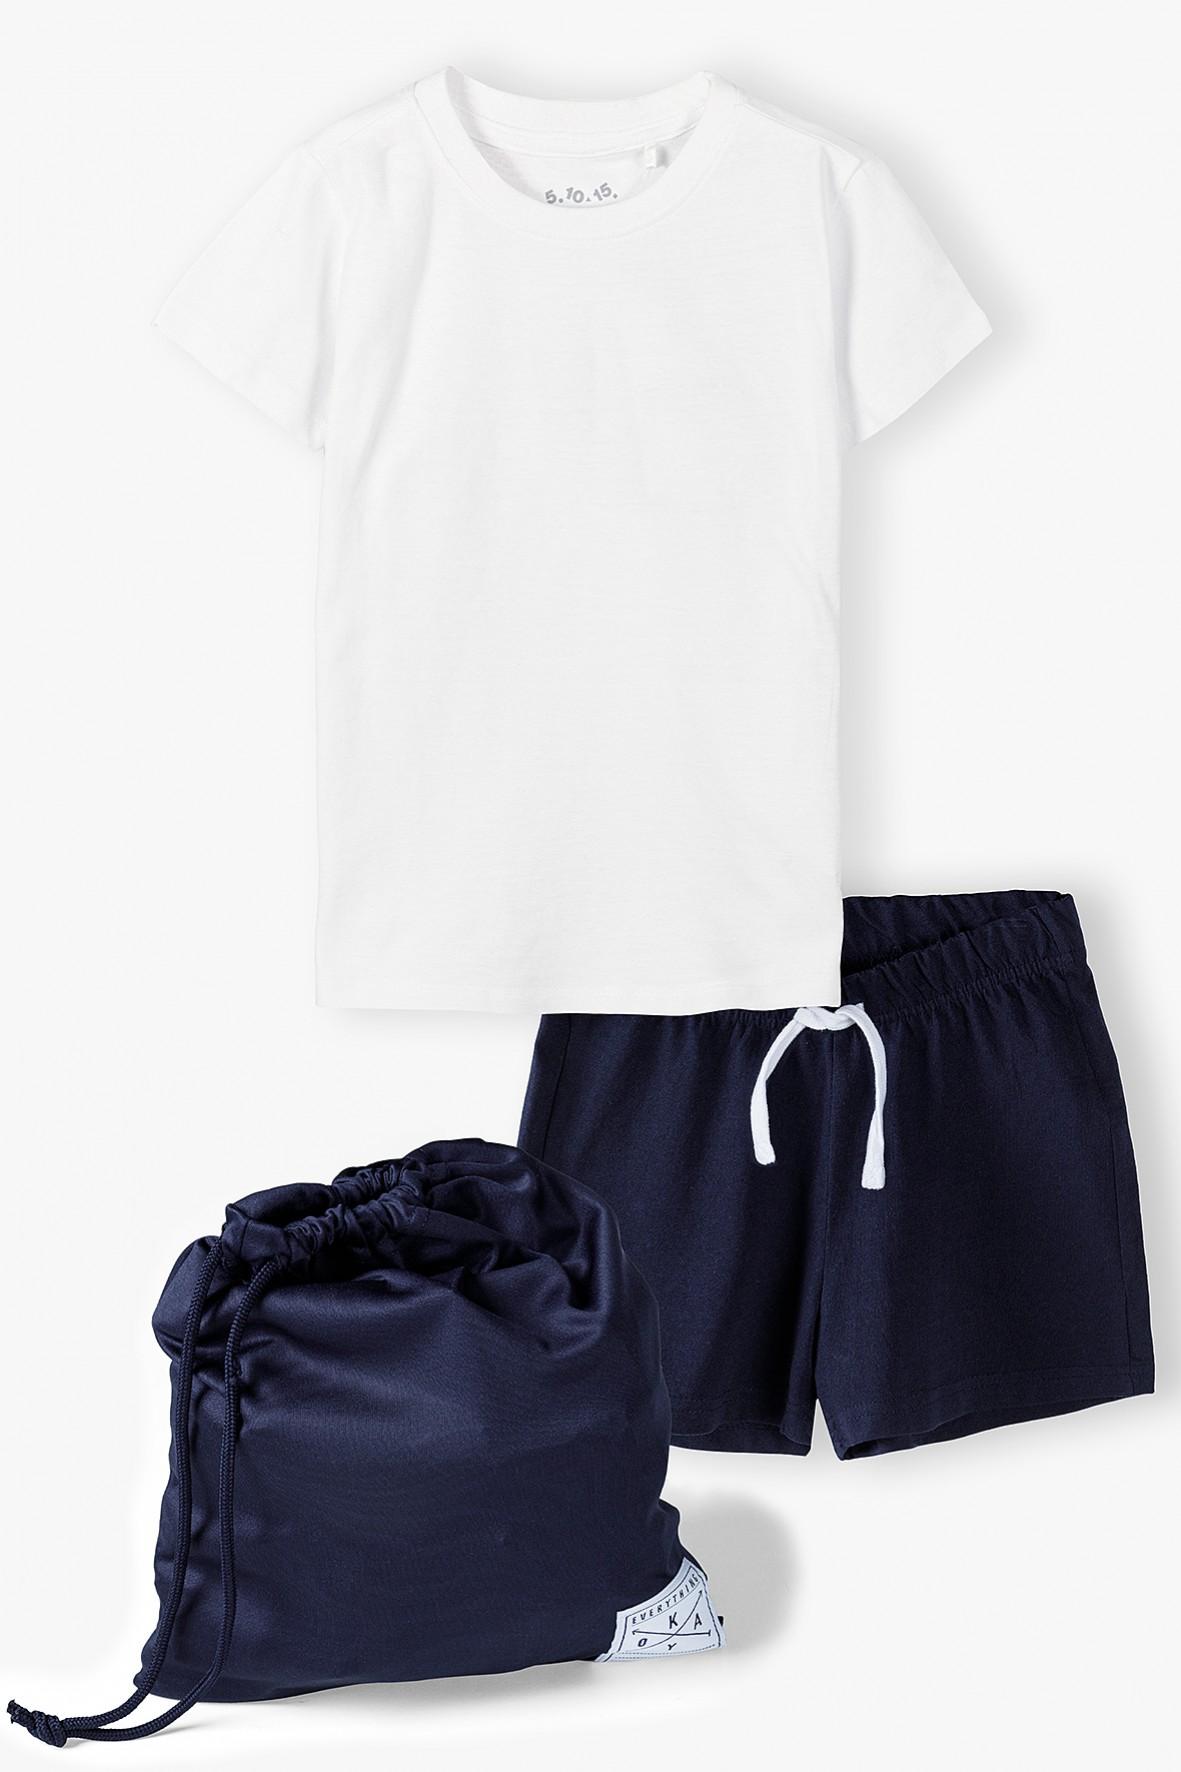 Komplet gimnastyczny - tshirt - spodenki - worek